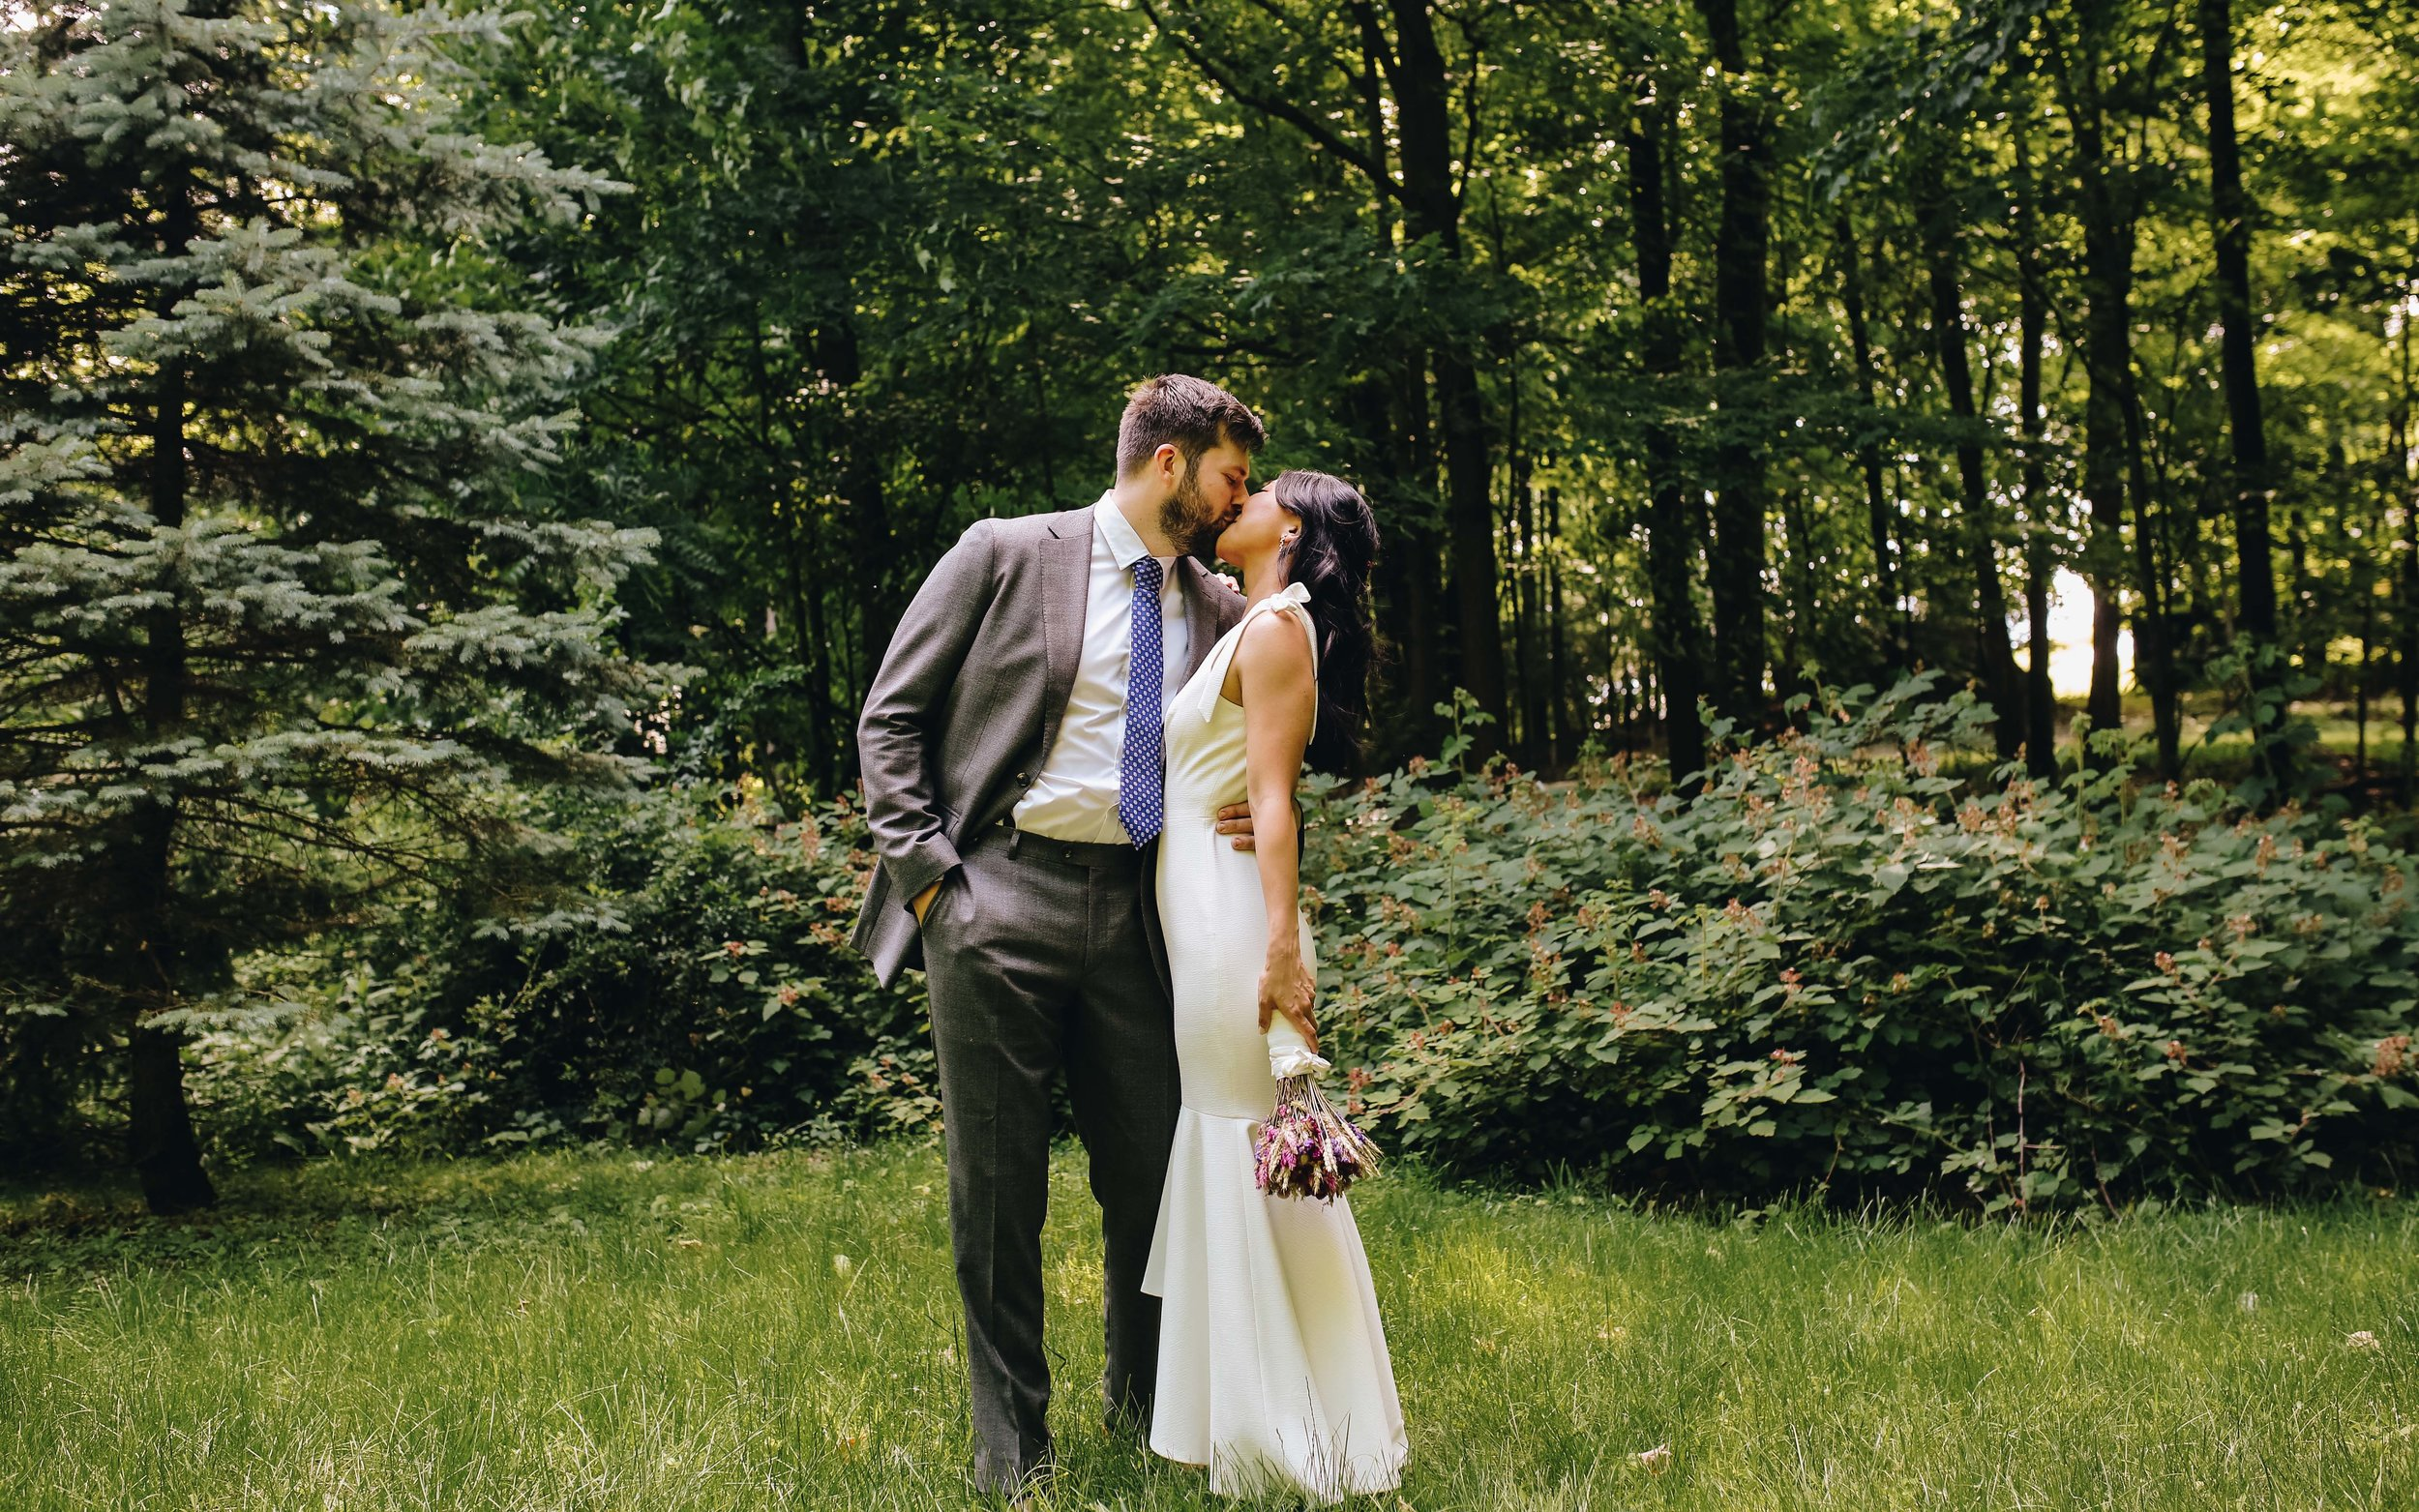 190615_Eryn_Nico_WeddingSneakpeek-12.jpg